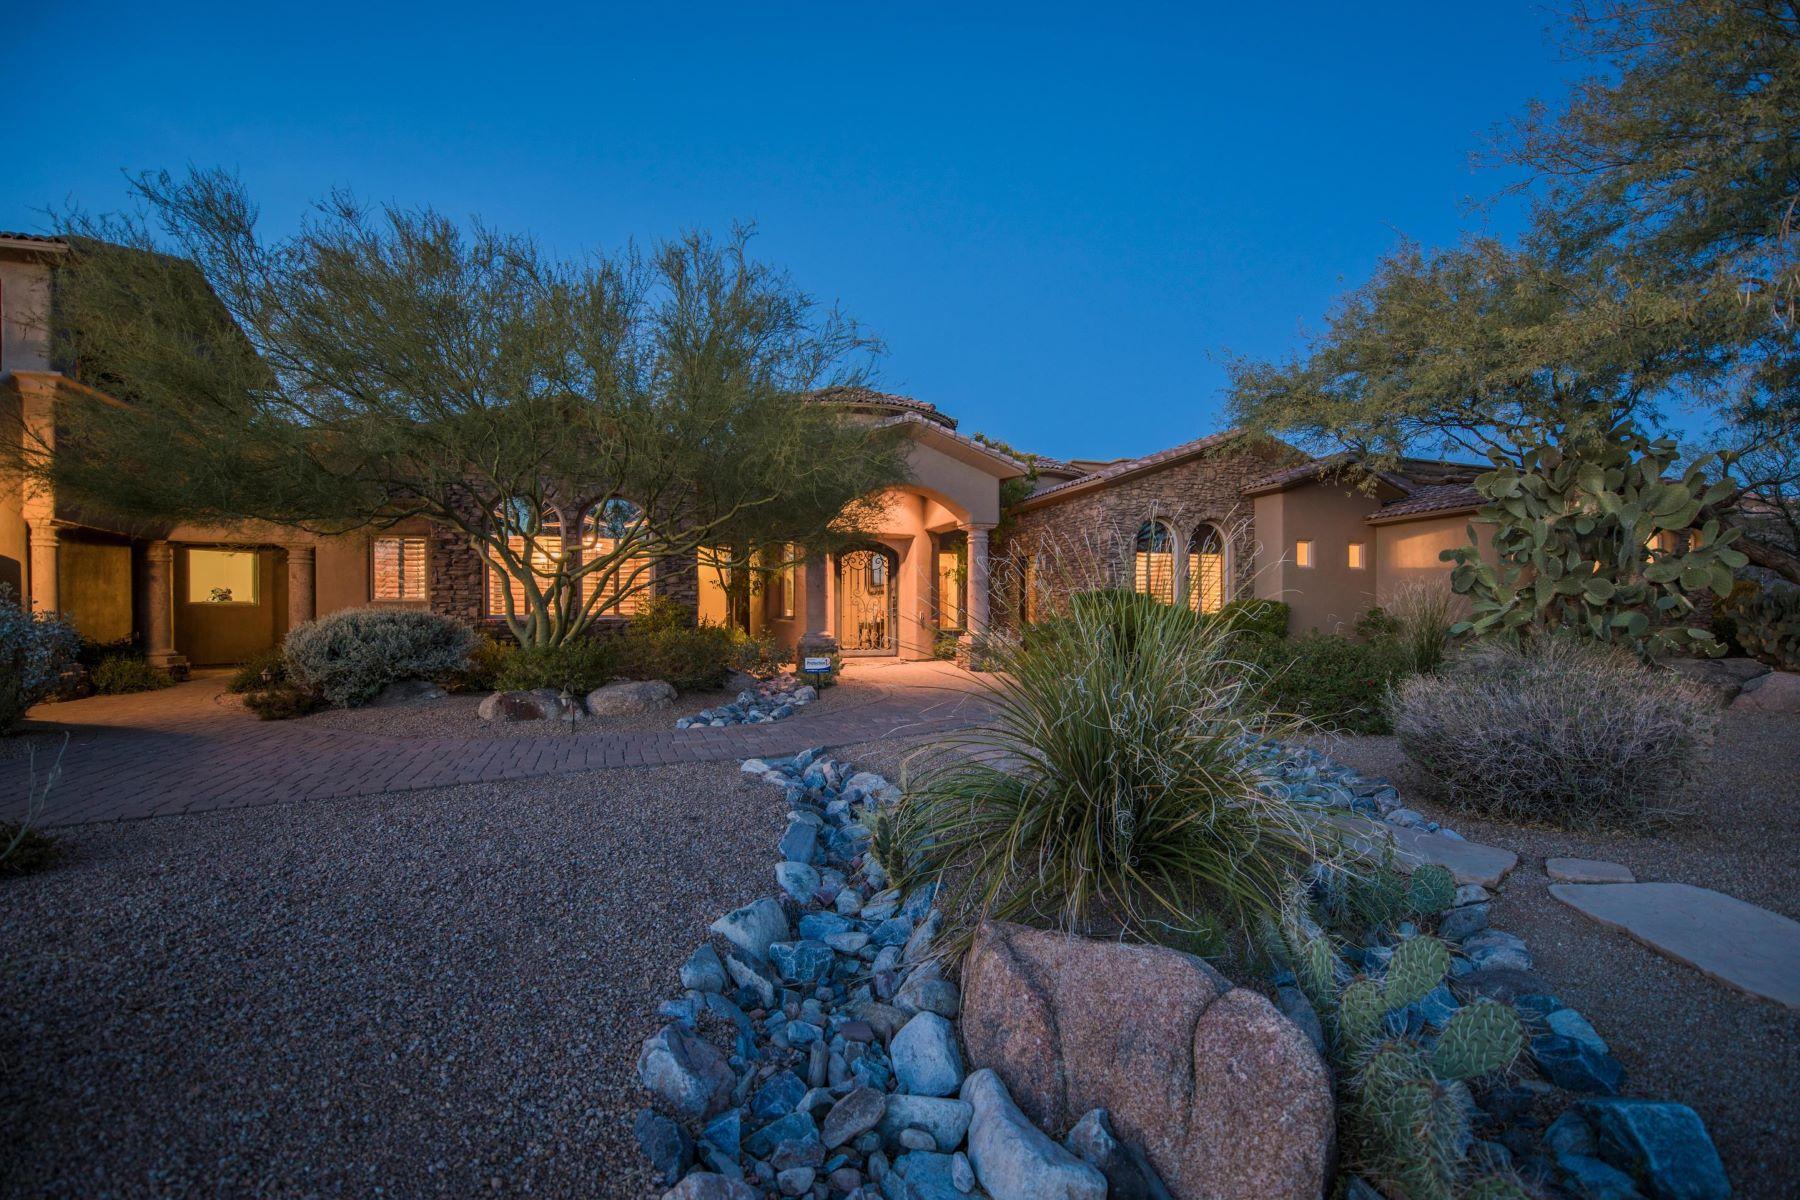 Maison unifamiliale pour l Vente à Beautiful custom Scottsdale home 8644 E Woodley Way, Scottsdale, Arizona, 85266 États-Unis